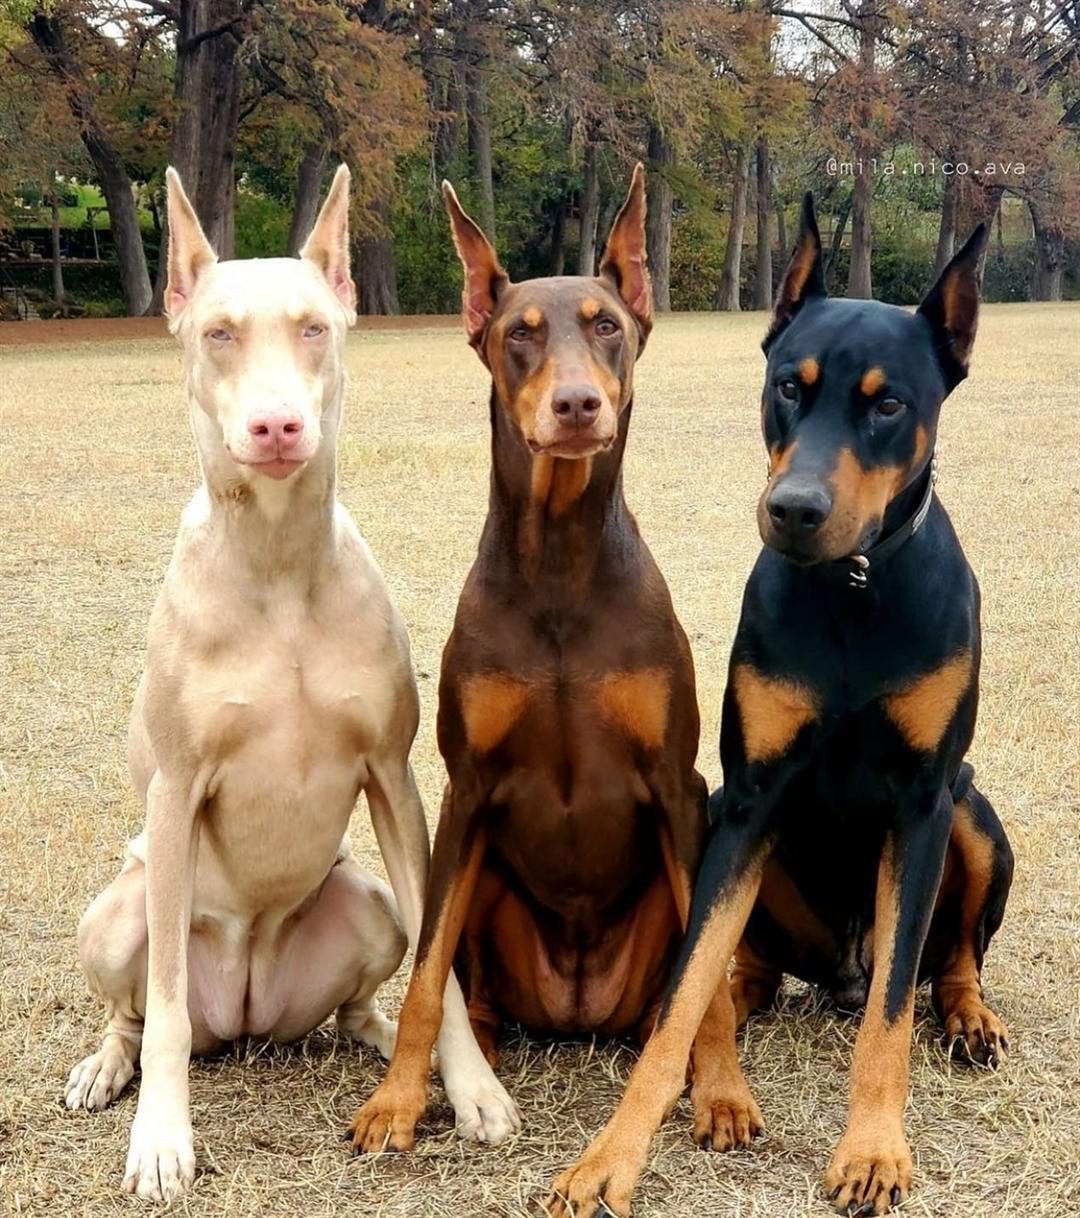 Đặc điểm ngoại hình chó Doberman